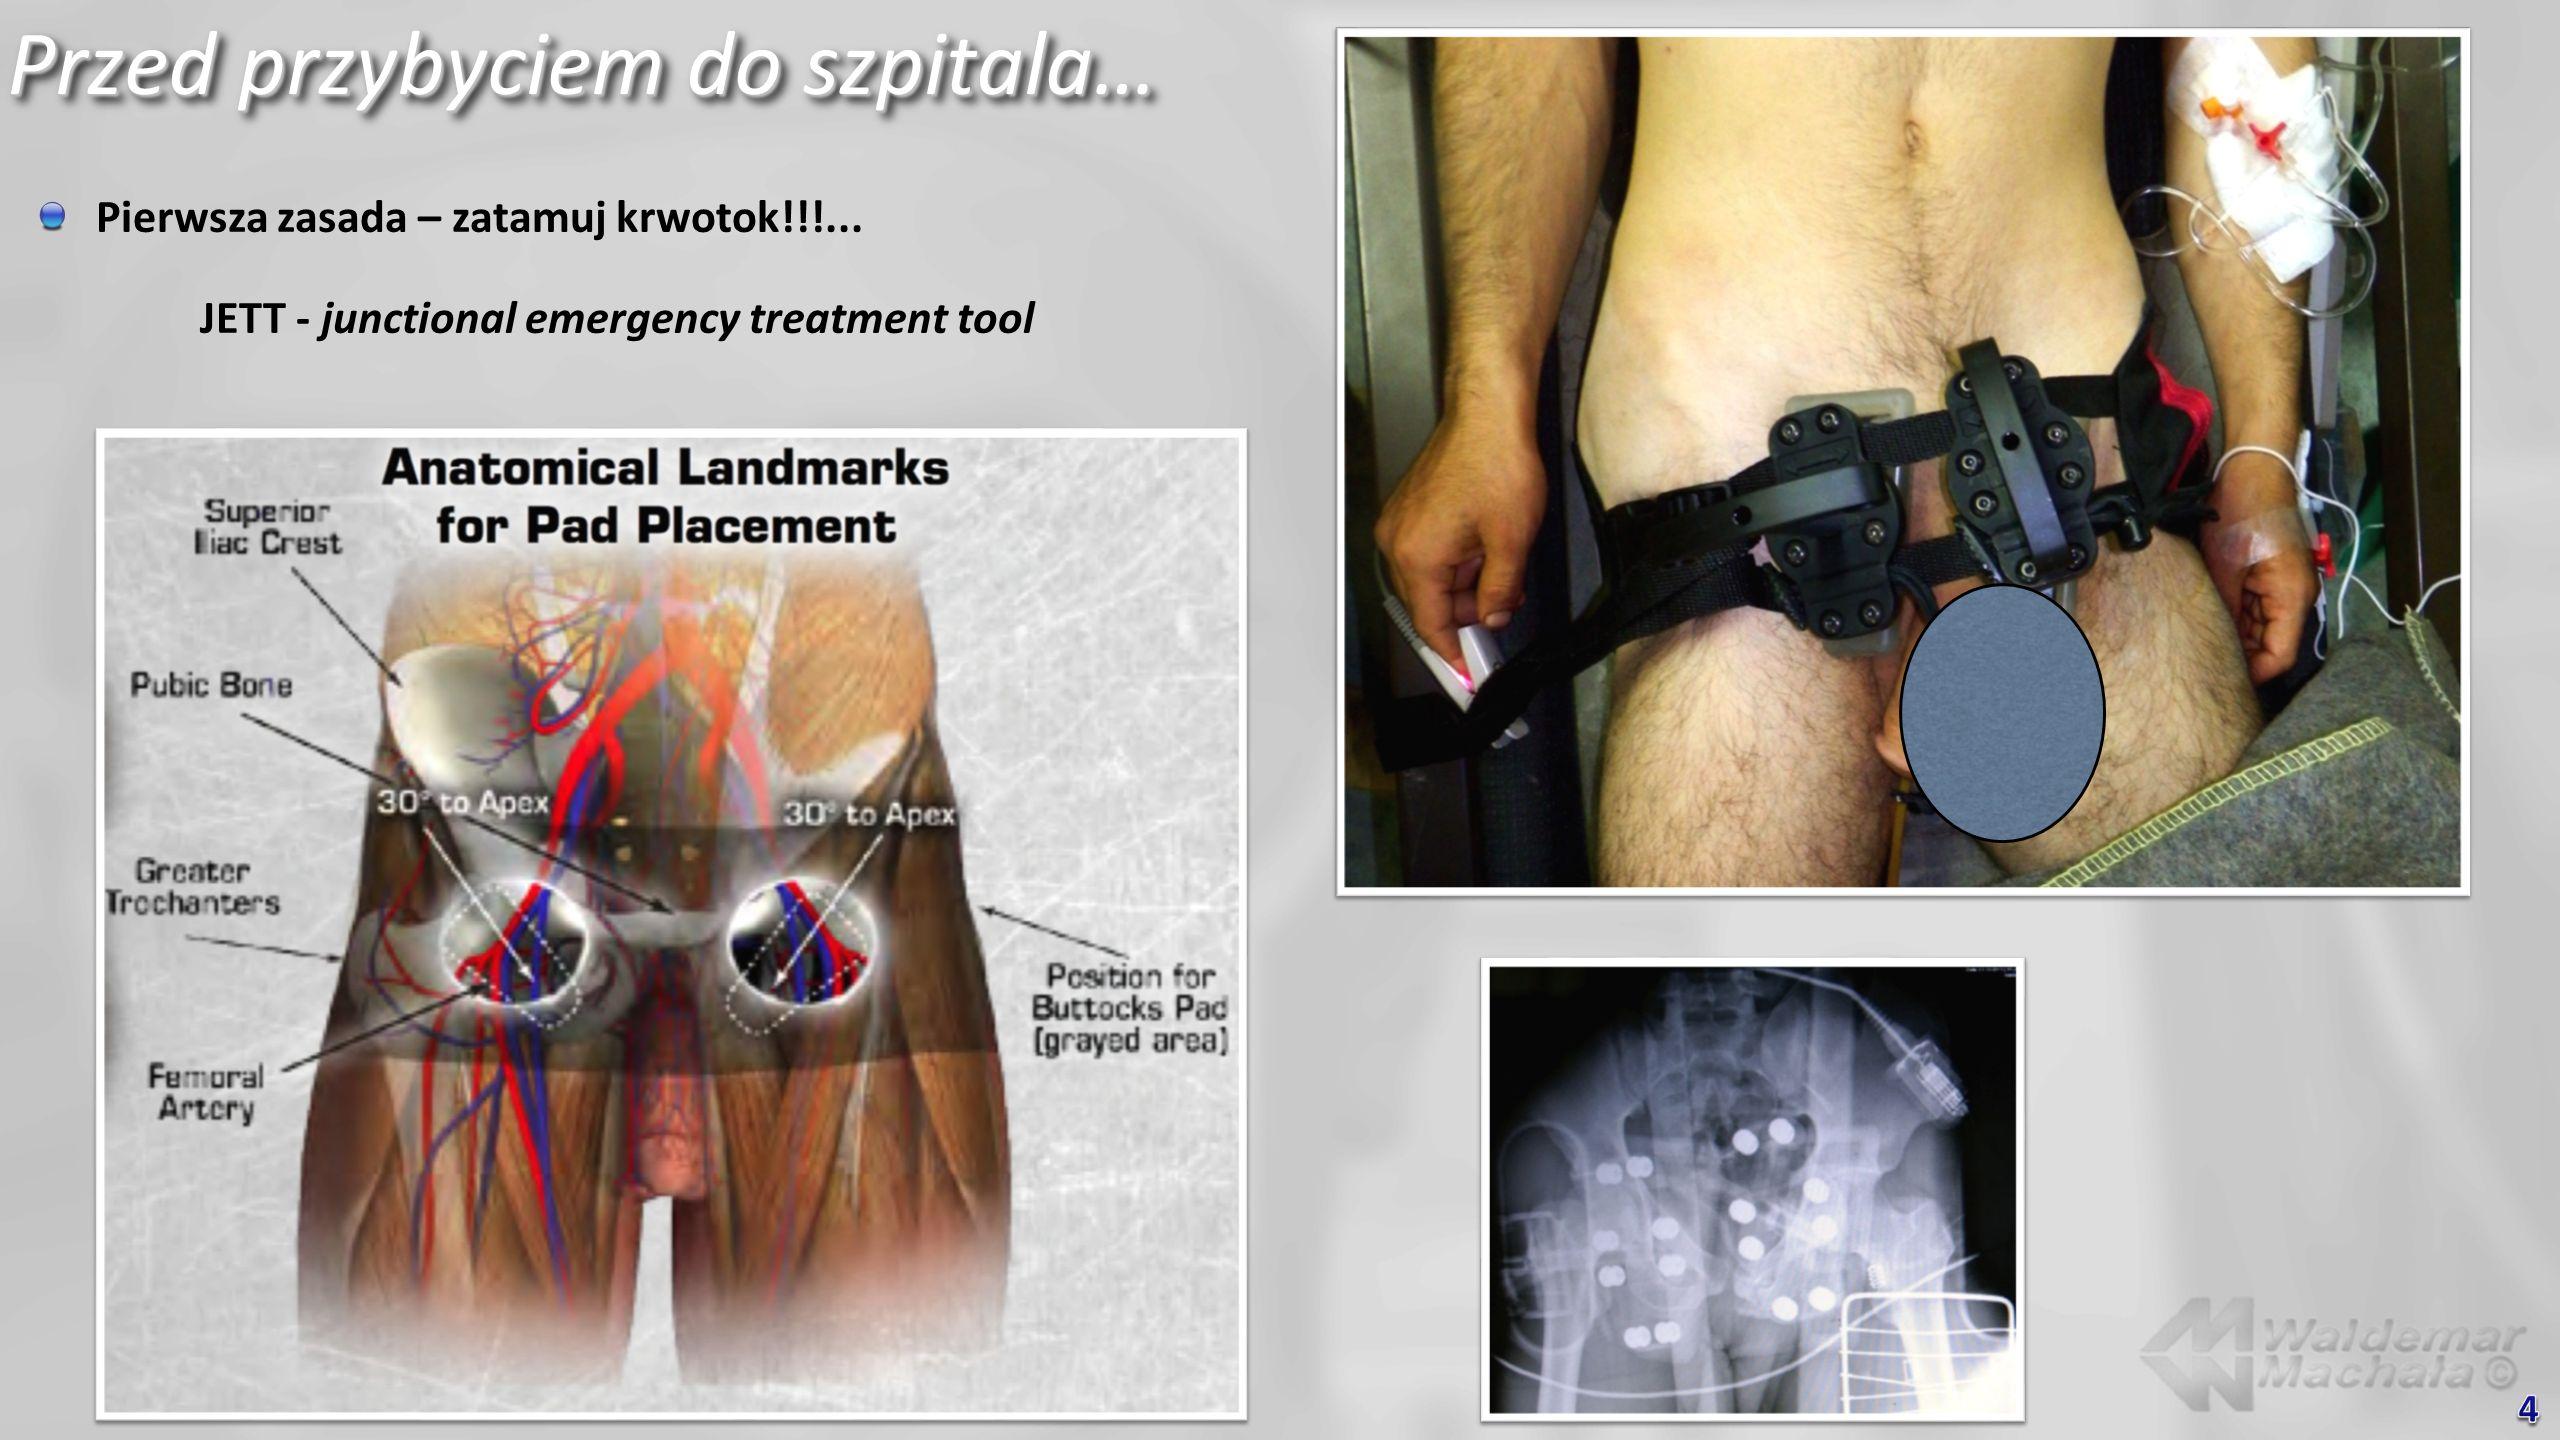 Przed przybyciem do szpitala… Jak się dobrać do rannego…? Nożyce ratunkowe Leatherman Raptor